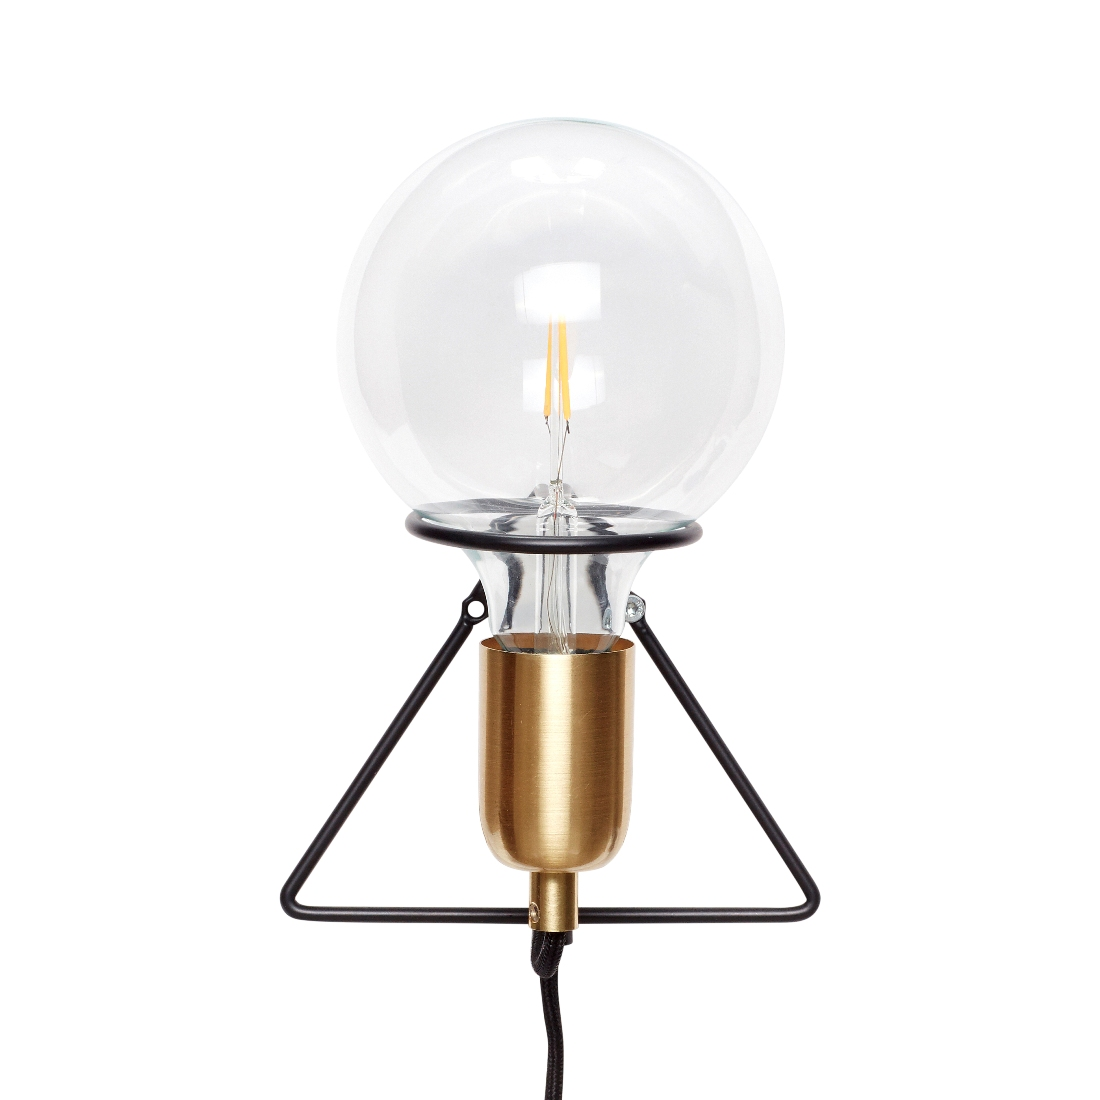 Danish Design Wall Lamps : Industrial Metal Black & Brass Wall Lamp Danish Design by Hubsch